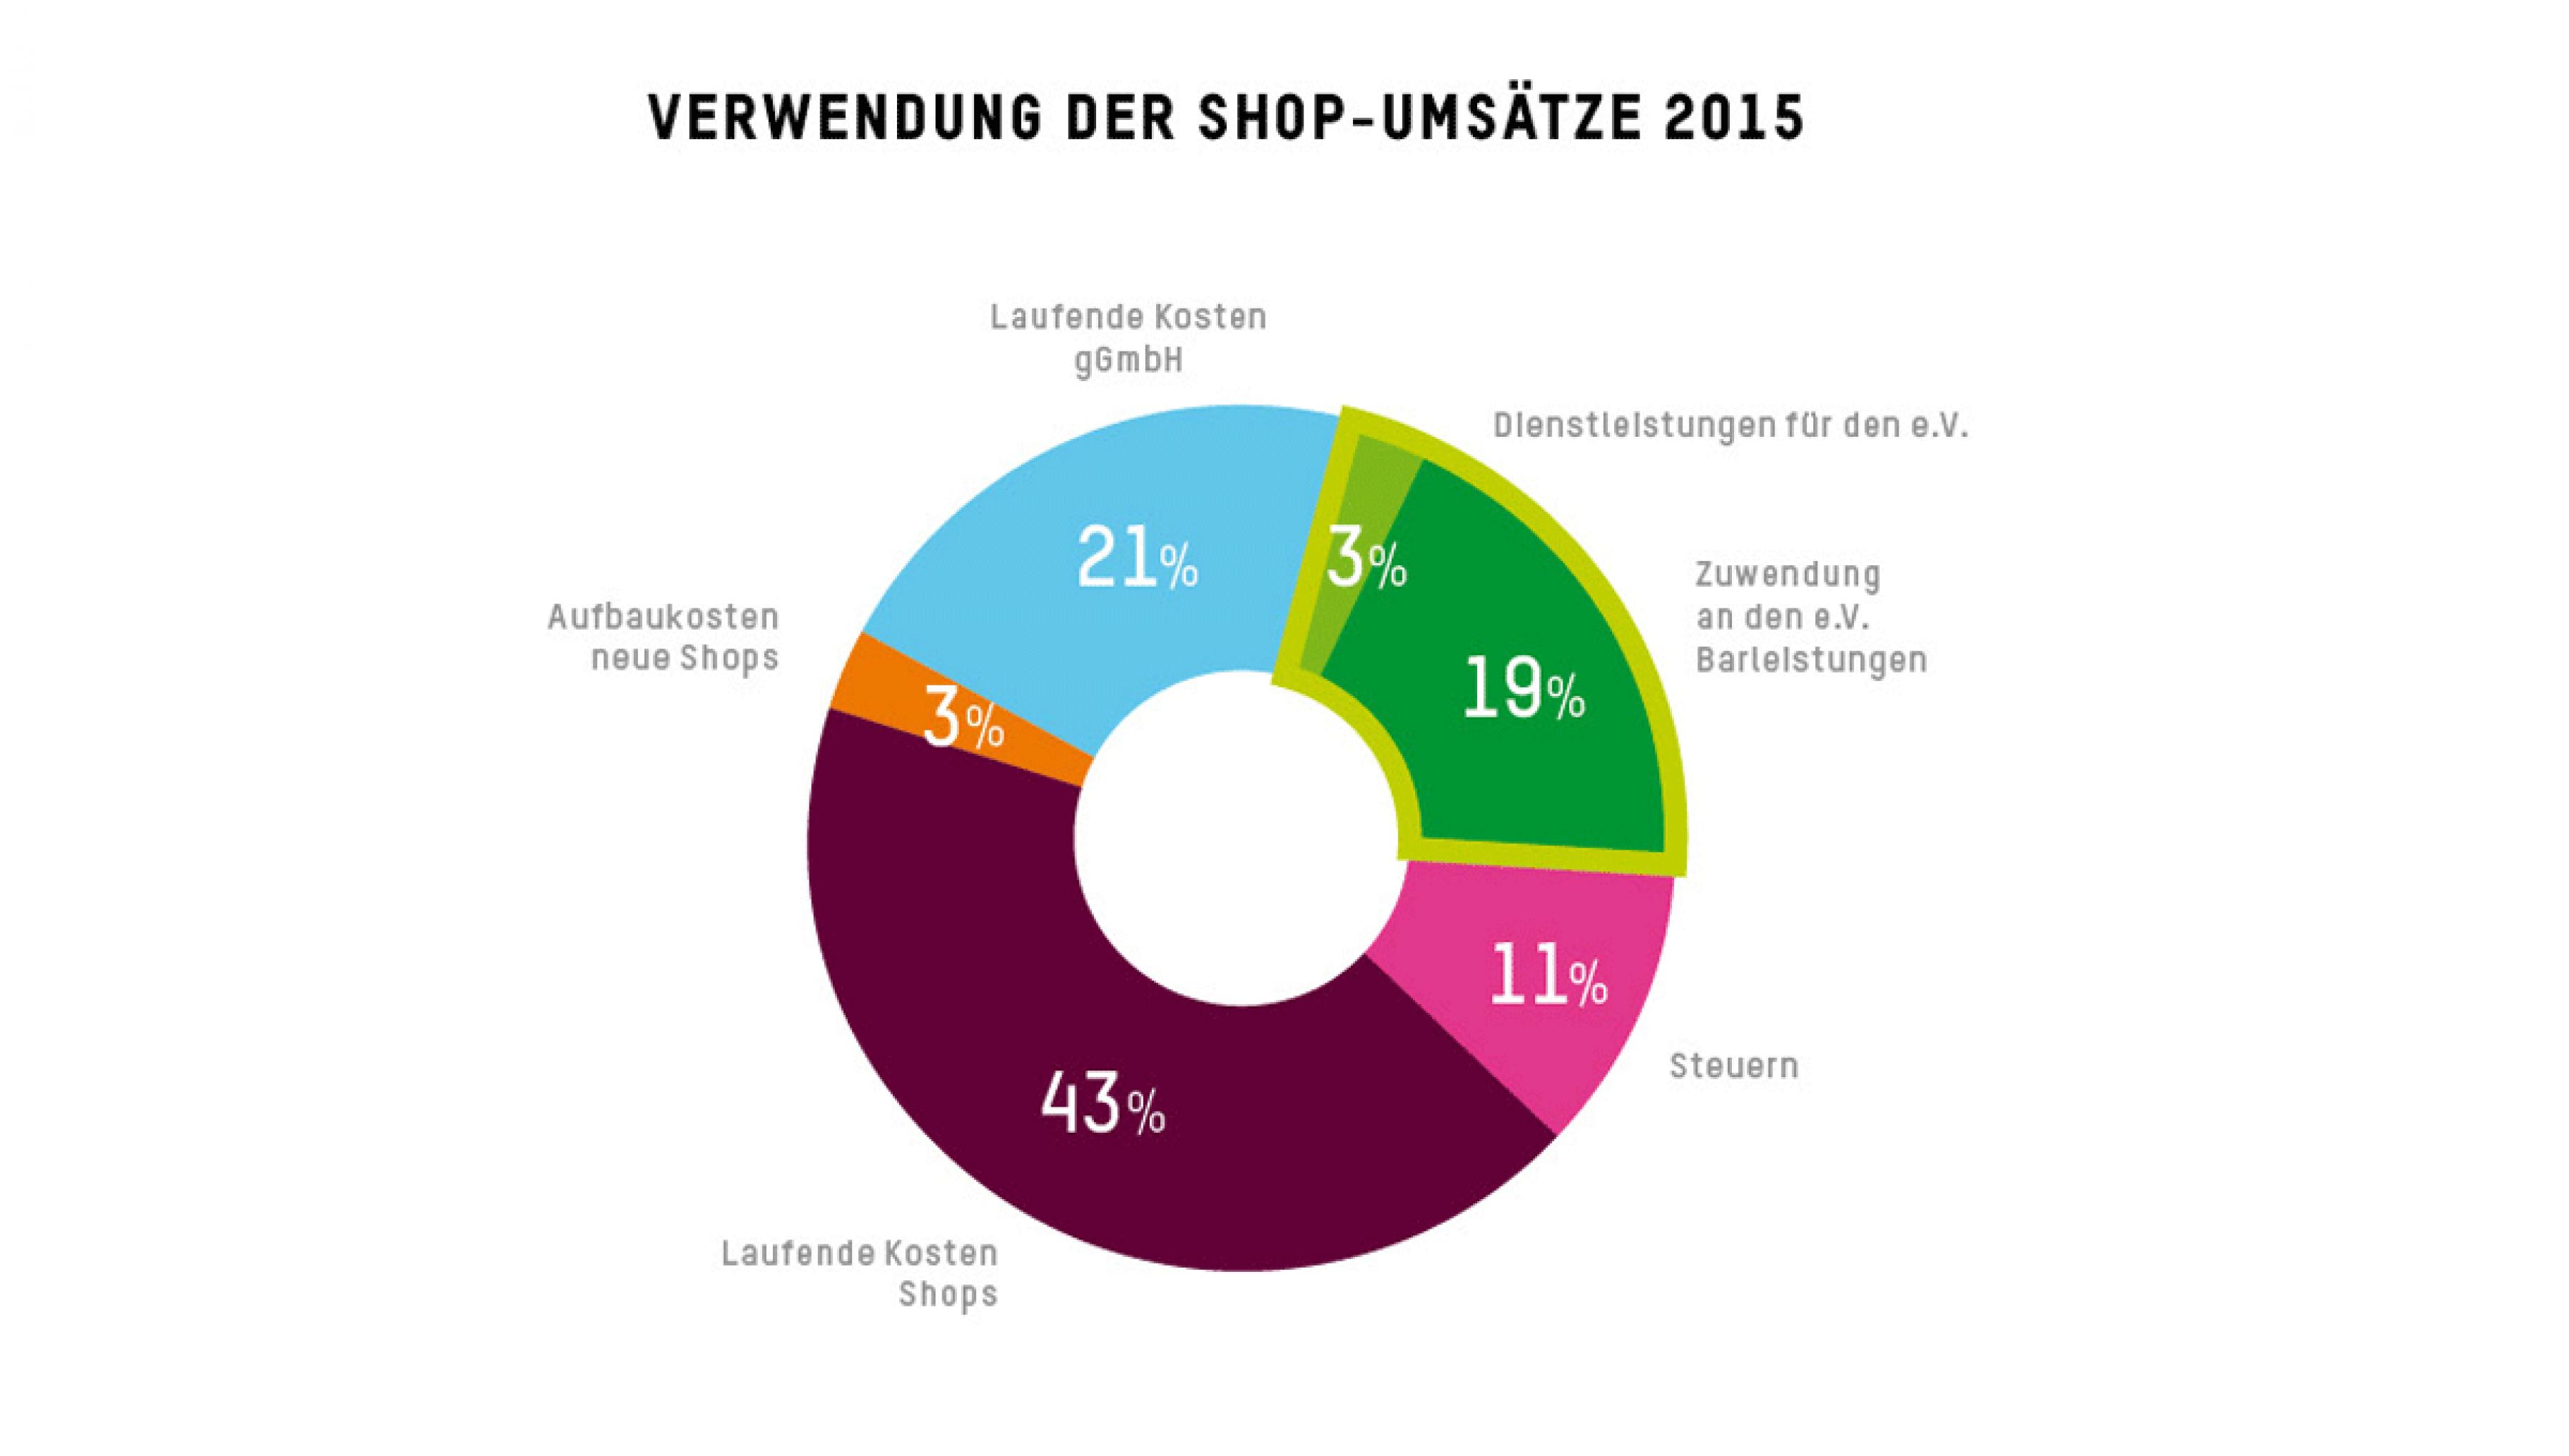 Verwendung der Umsätze der Oxfam Shops gGmbH 2015